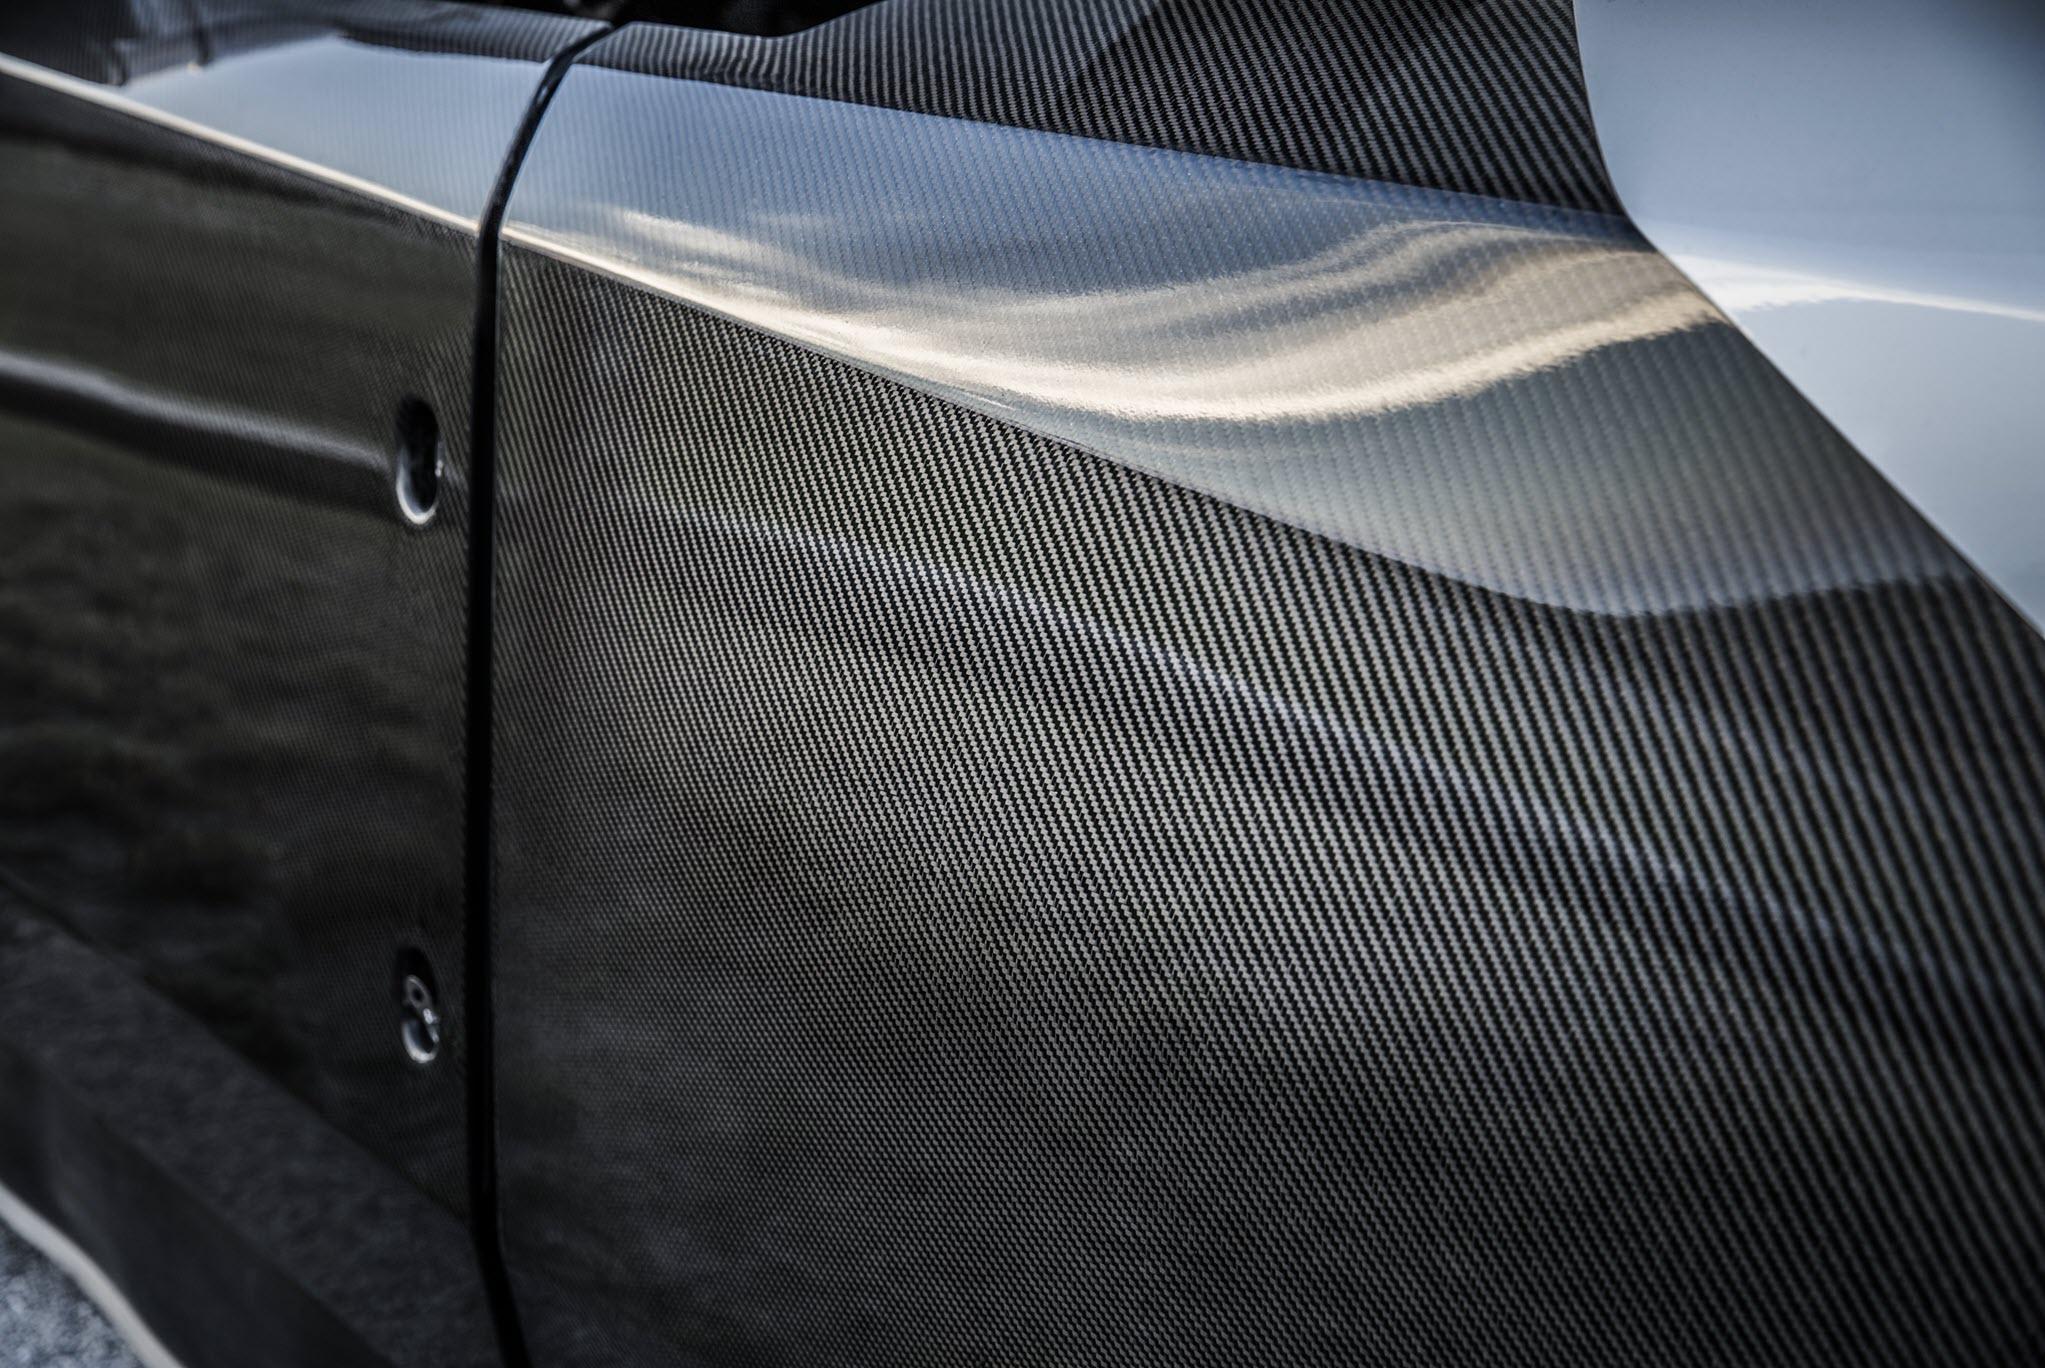 close-up of carbon fiber siding